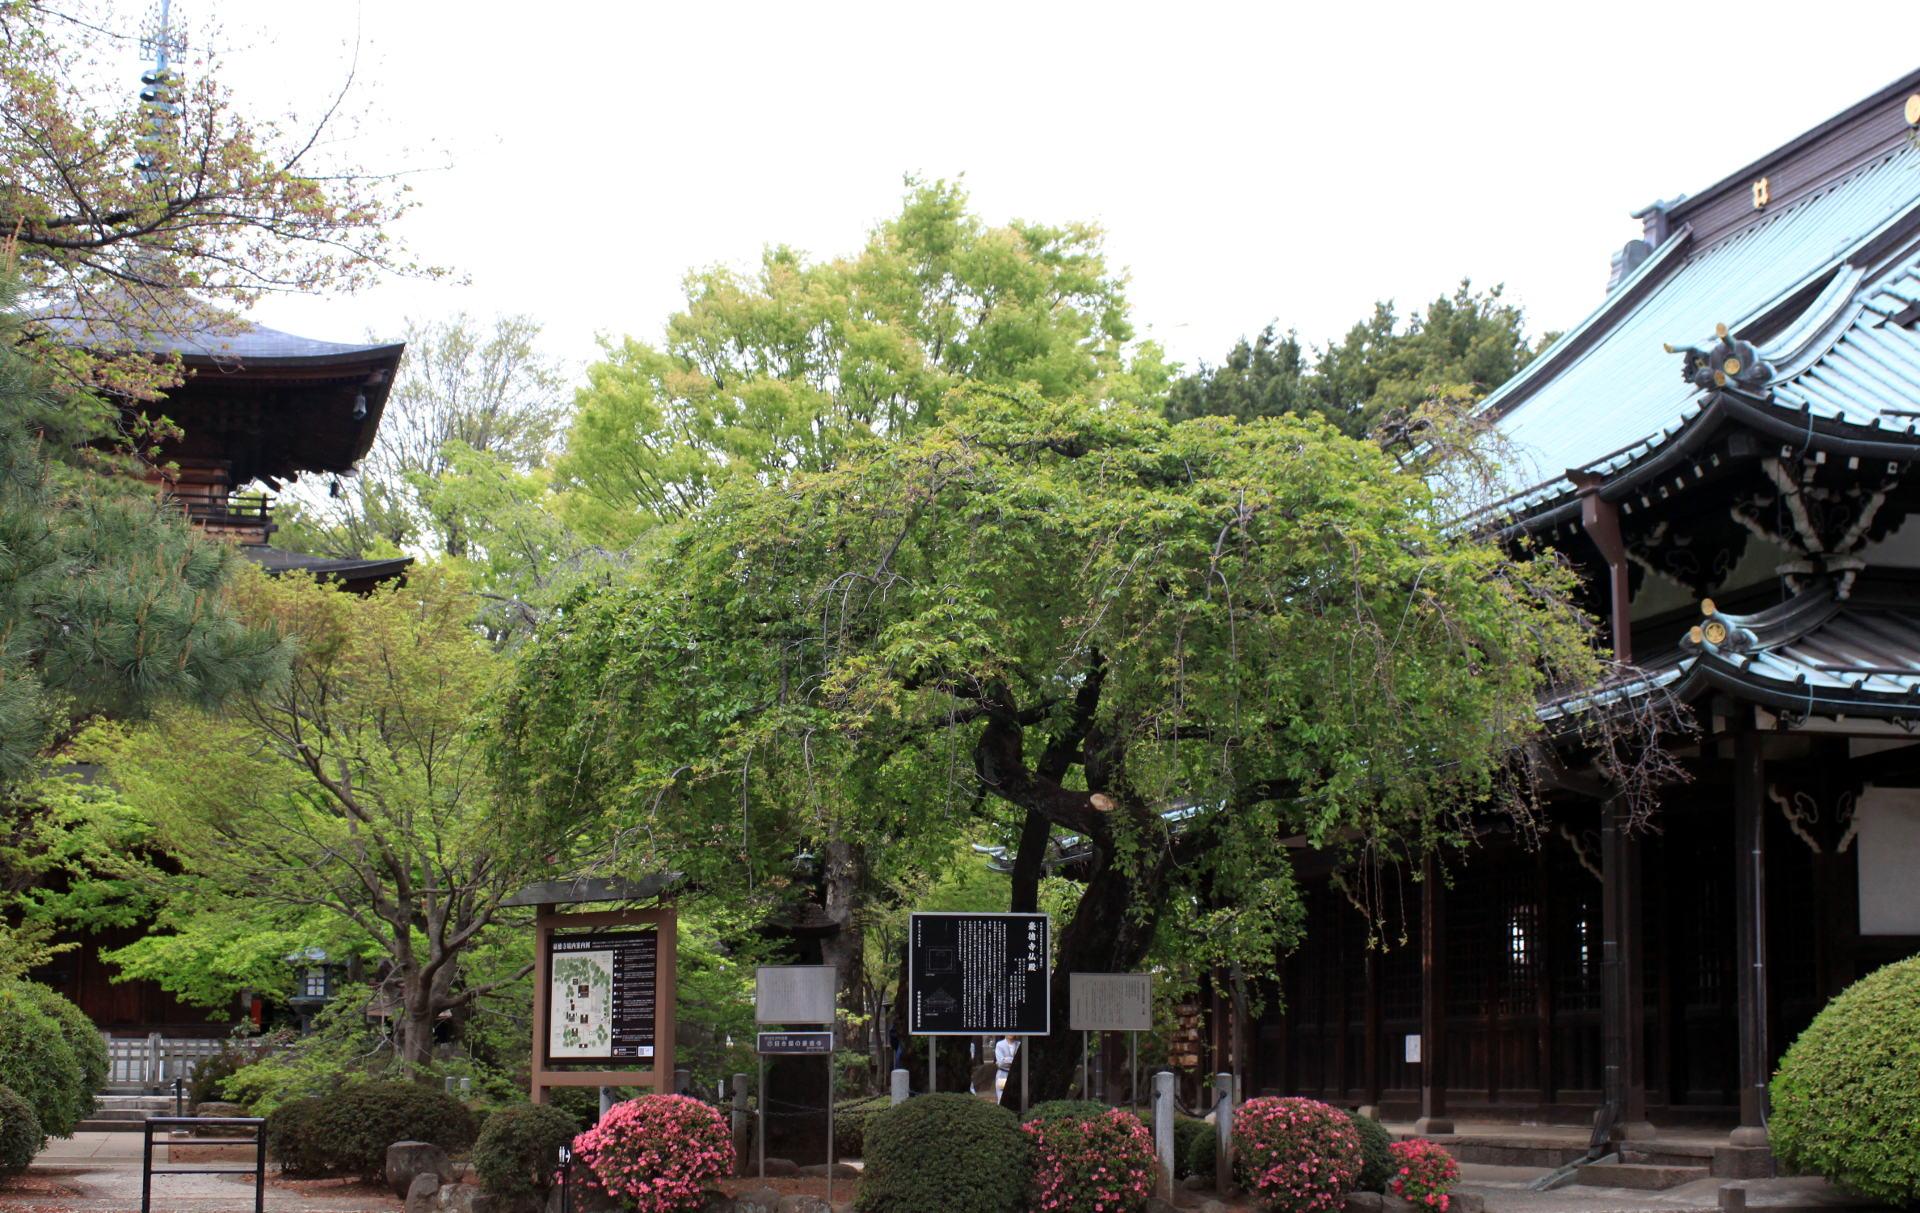 świątynia Gotokuji w Tokio iglawpodrozy